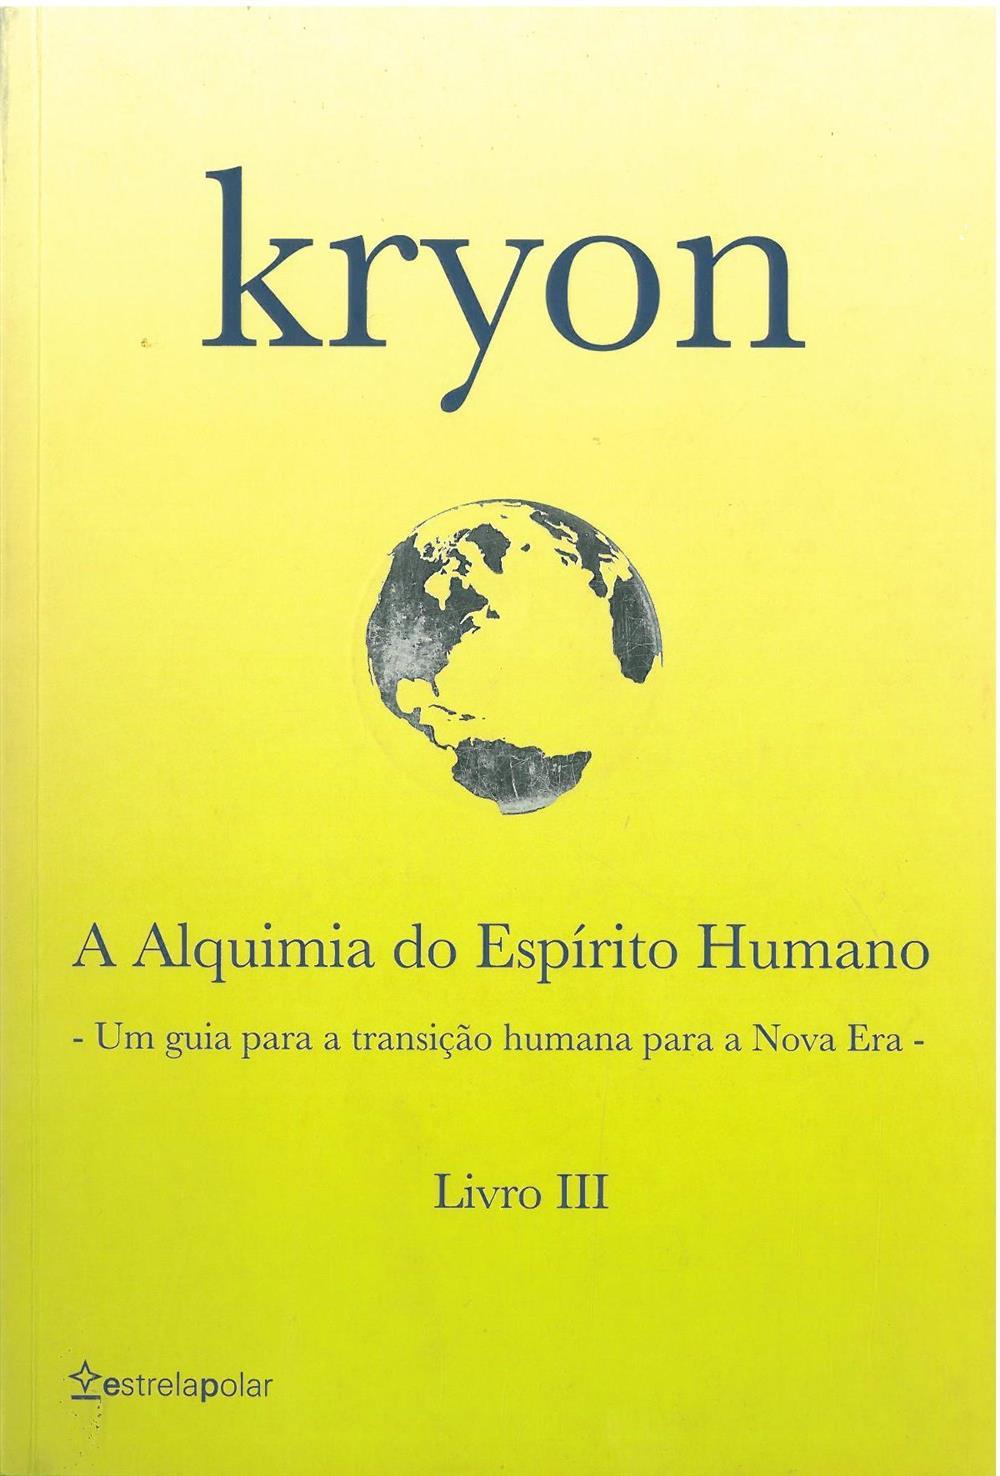 Kryon_Livro III.jpg